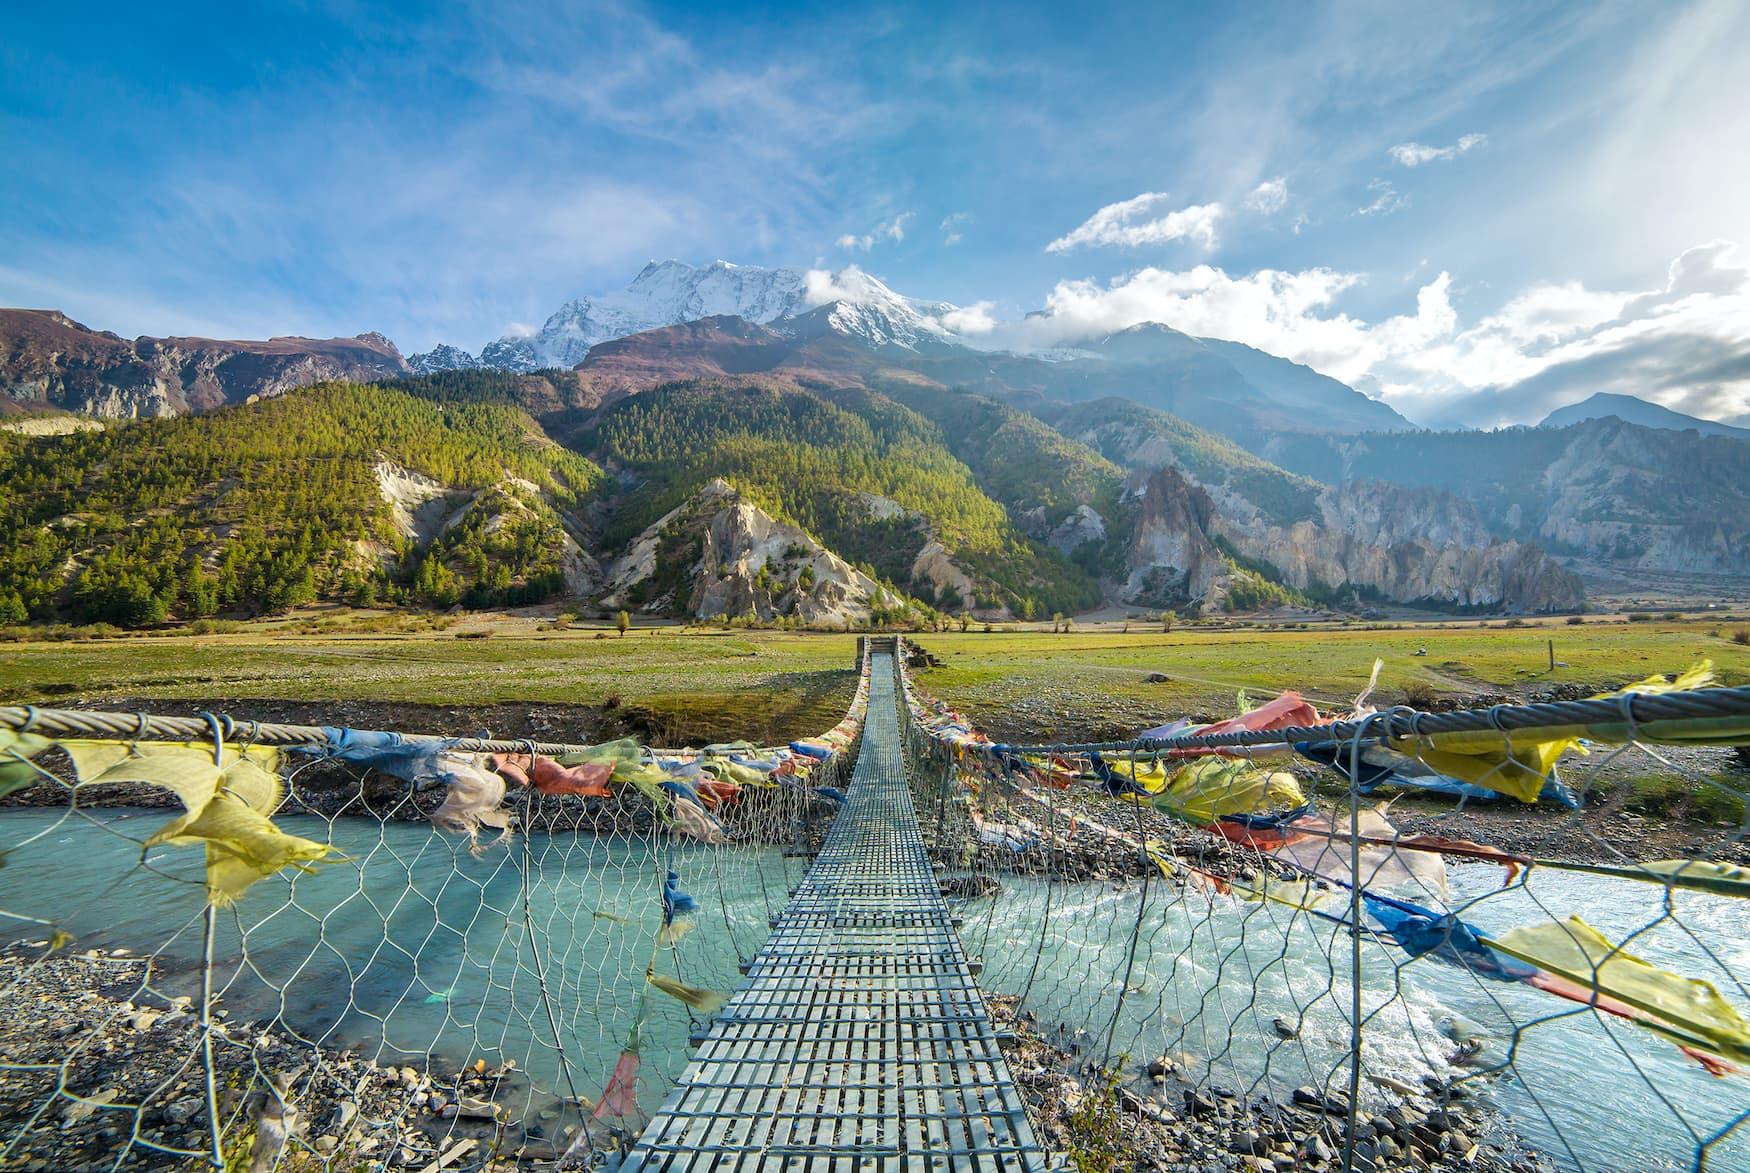 Gebetsflaggen schmücken eine Brücke in nepalesischer Landschaft